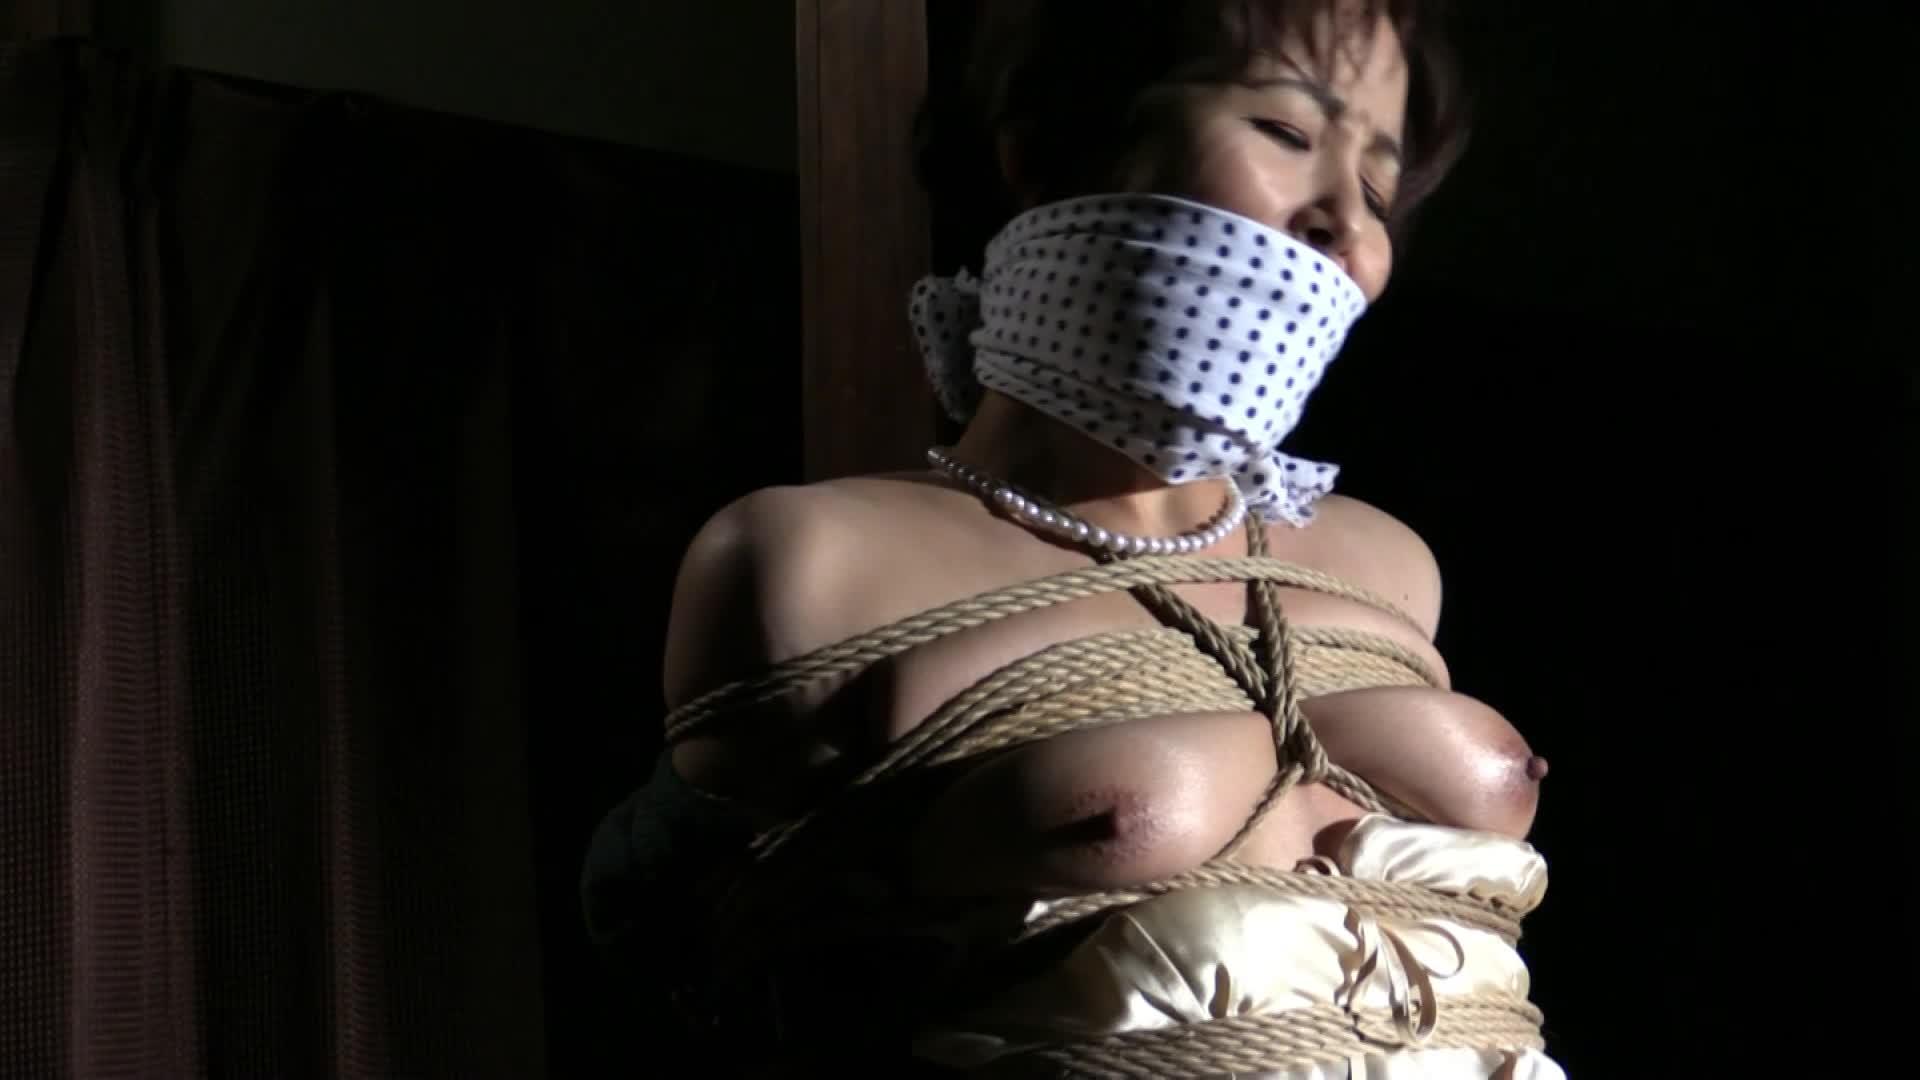 猿轡で口を塞がれたマゾ人妻がきつめに緊縛拘束され奴隷調教されるSMプレイ。乳首が縄でこすれ、それに悶える…